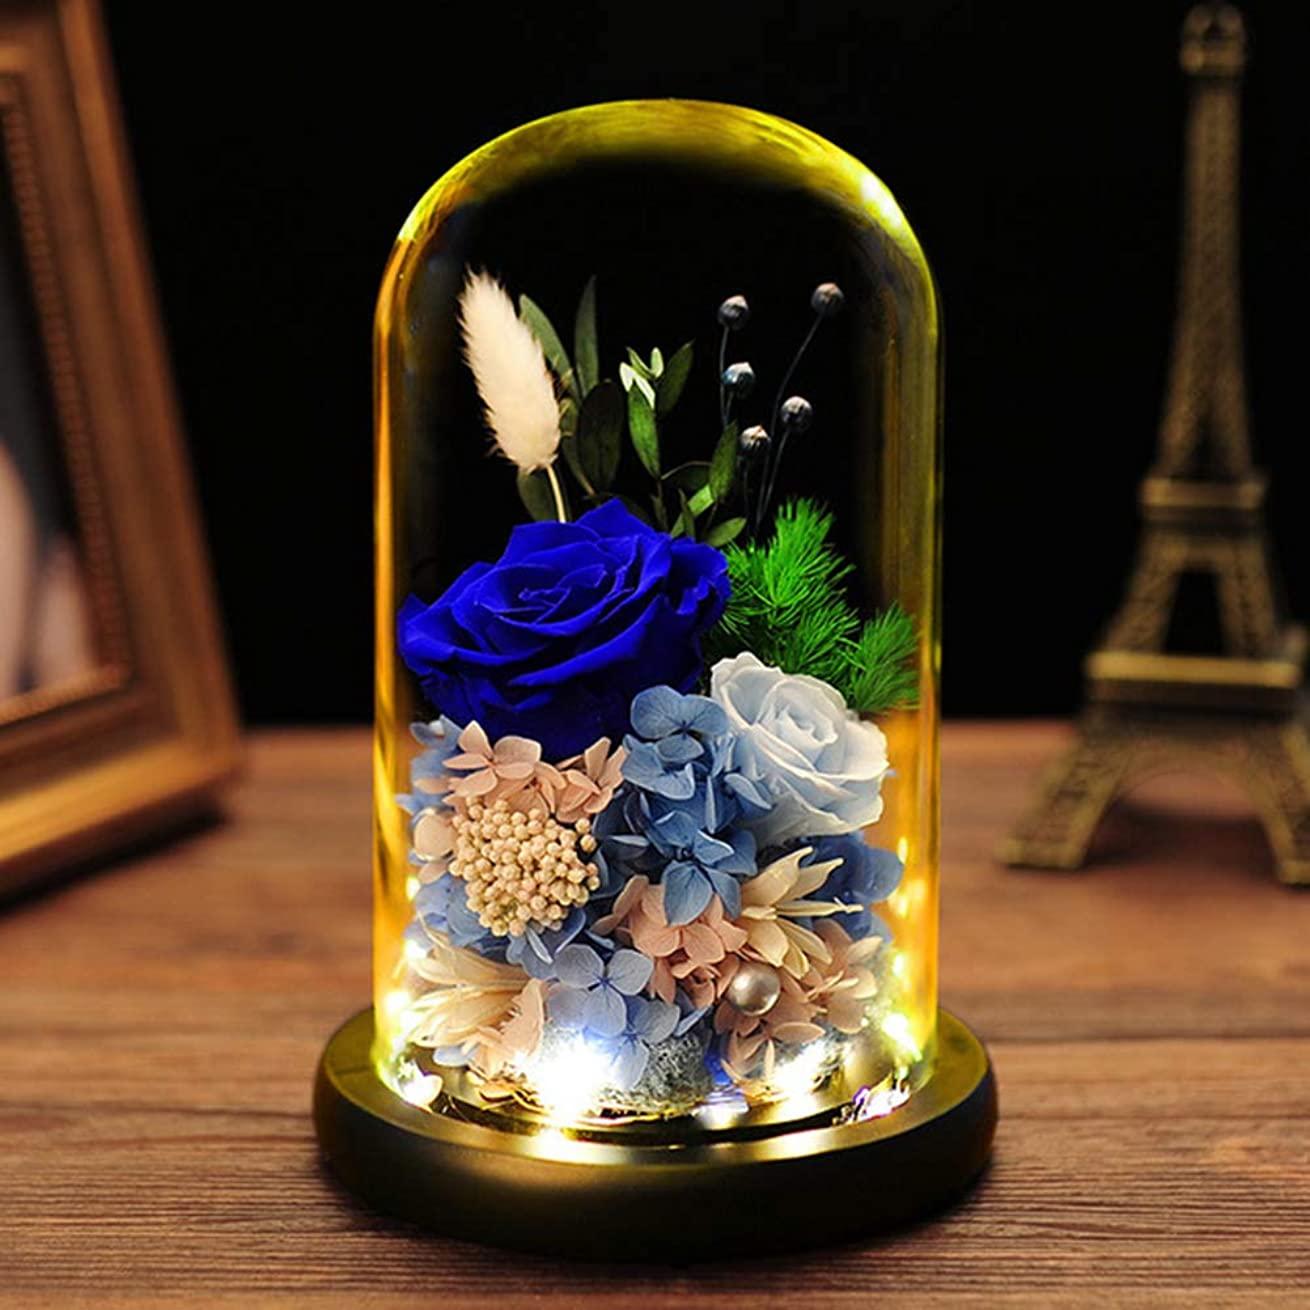 銀行ぐるぐるバンケット永遠の花のガラスカバーのギフトボックス、クリスマス創造的な誕生日プレゼントは、永遠の花は装飾をバラ